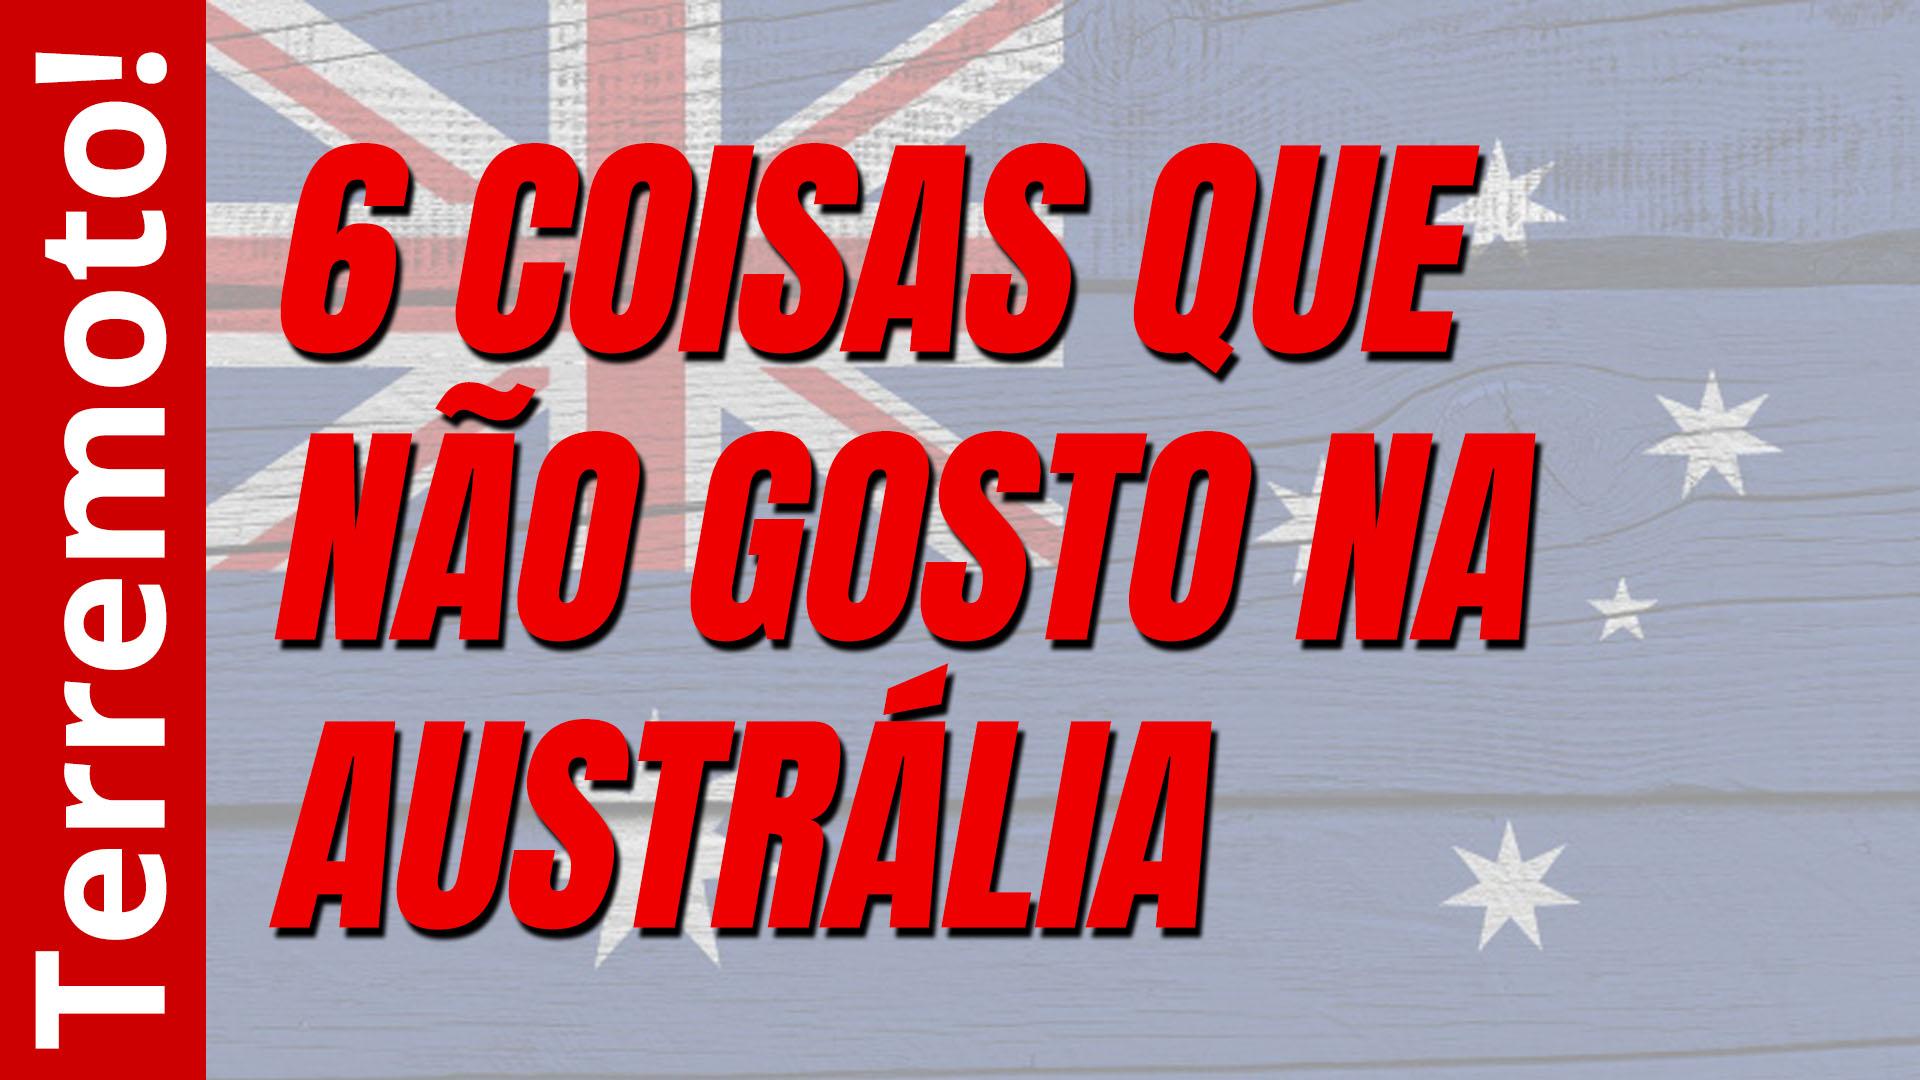 Aspectos ruins da Austrália